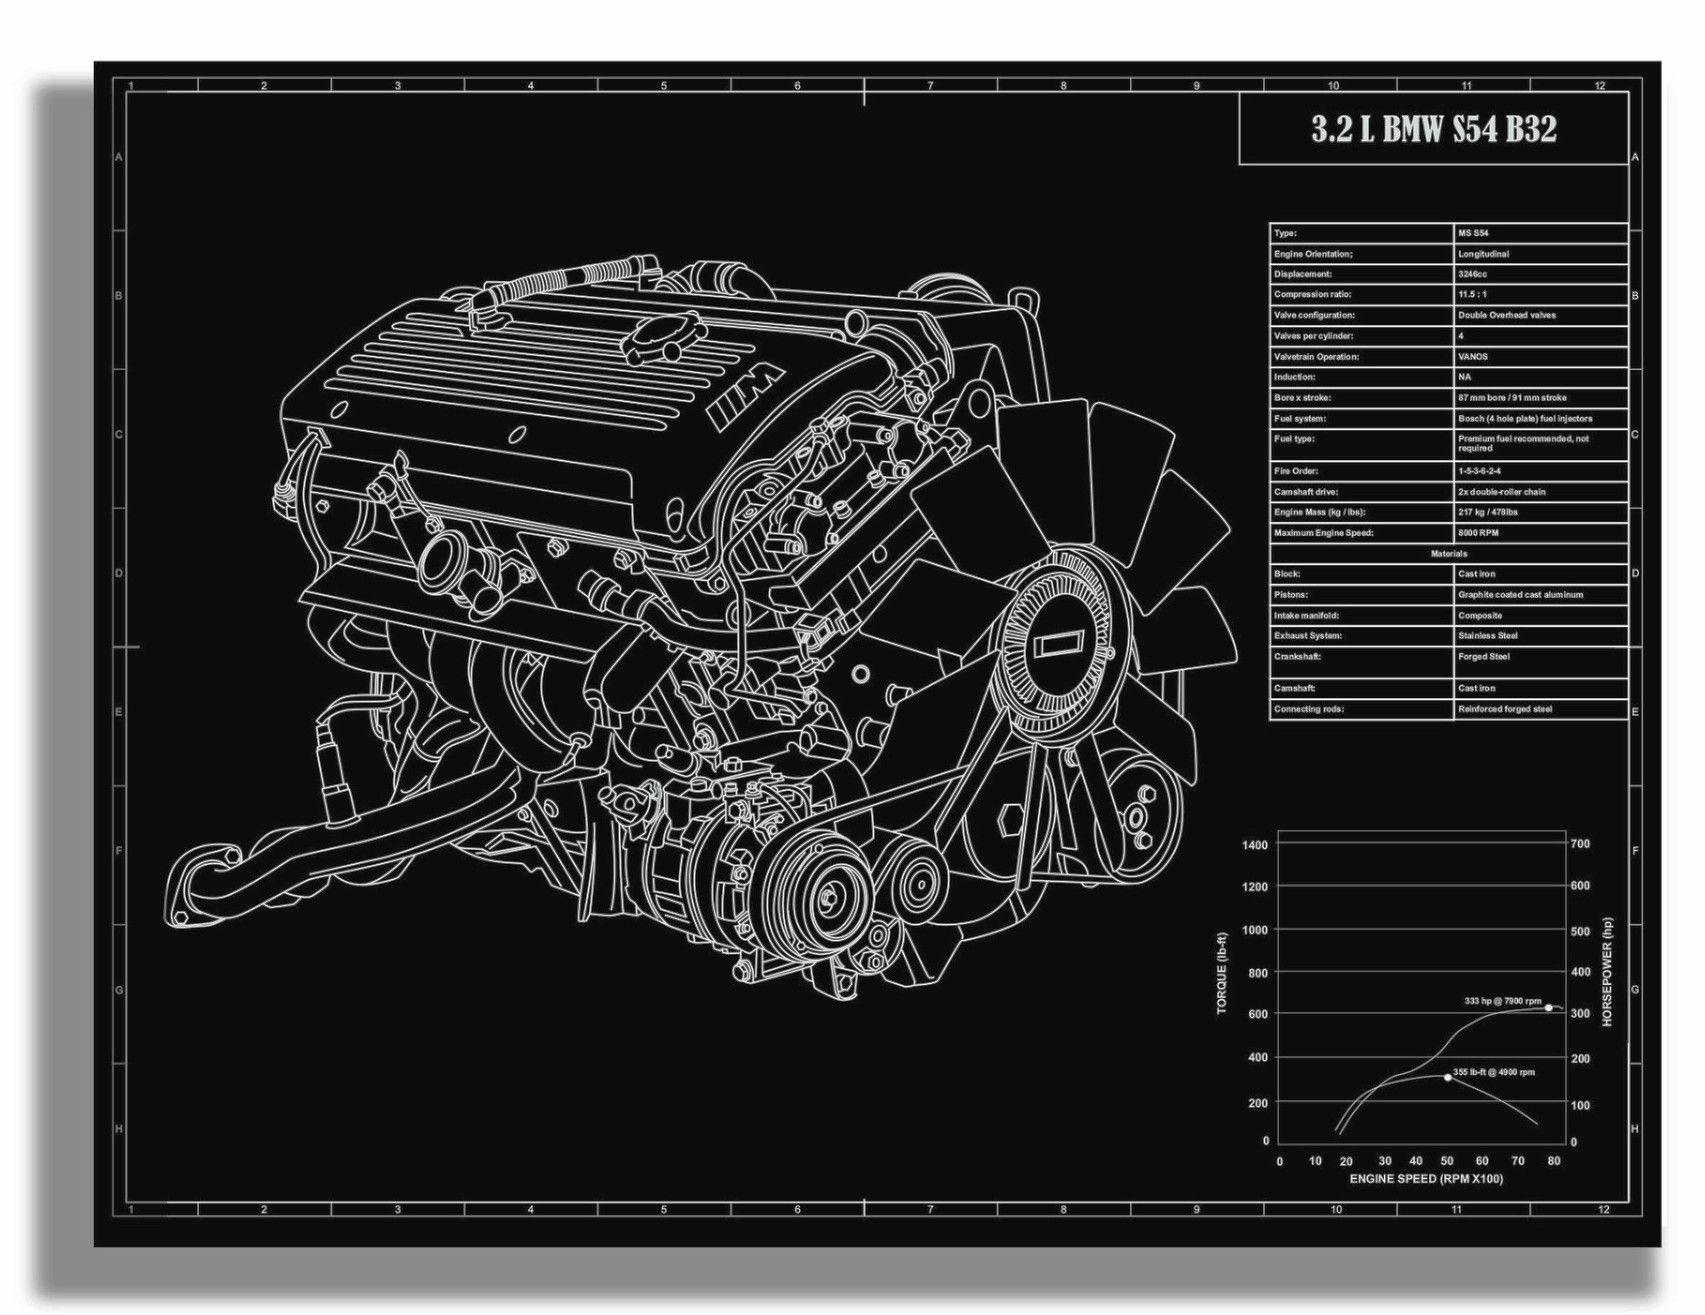 bmw e46 m3 s54 b32 engine engine bmw bmw cars bmw e46 2002 bmw e46 s54 m3 wiring diagram [ 1705 x 1315 Pixel ]